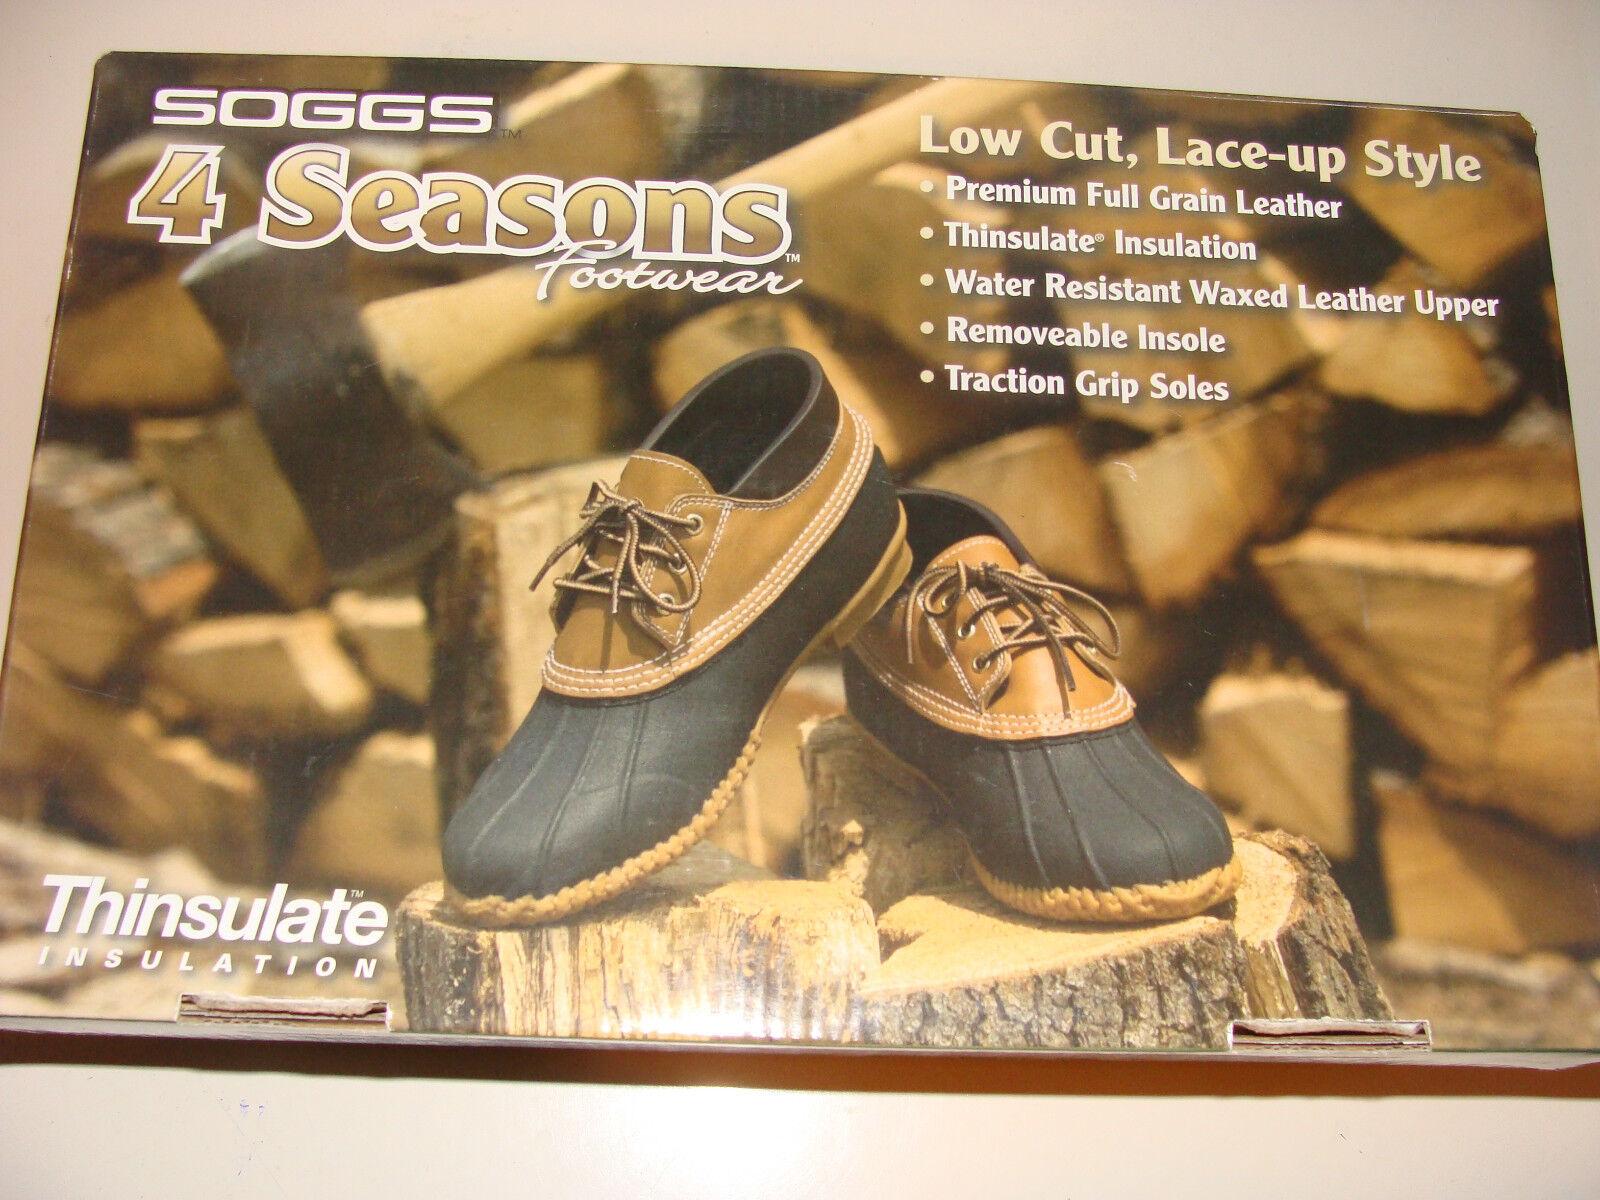 negozio online Soggs 4 Seasons Uomo stivali stivali stivali Dimensione 7 Thinsulate Leather Water Resistant NIB scarpe  prezzi più convenienti